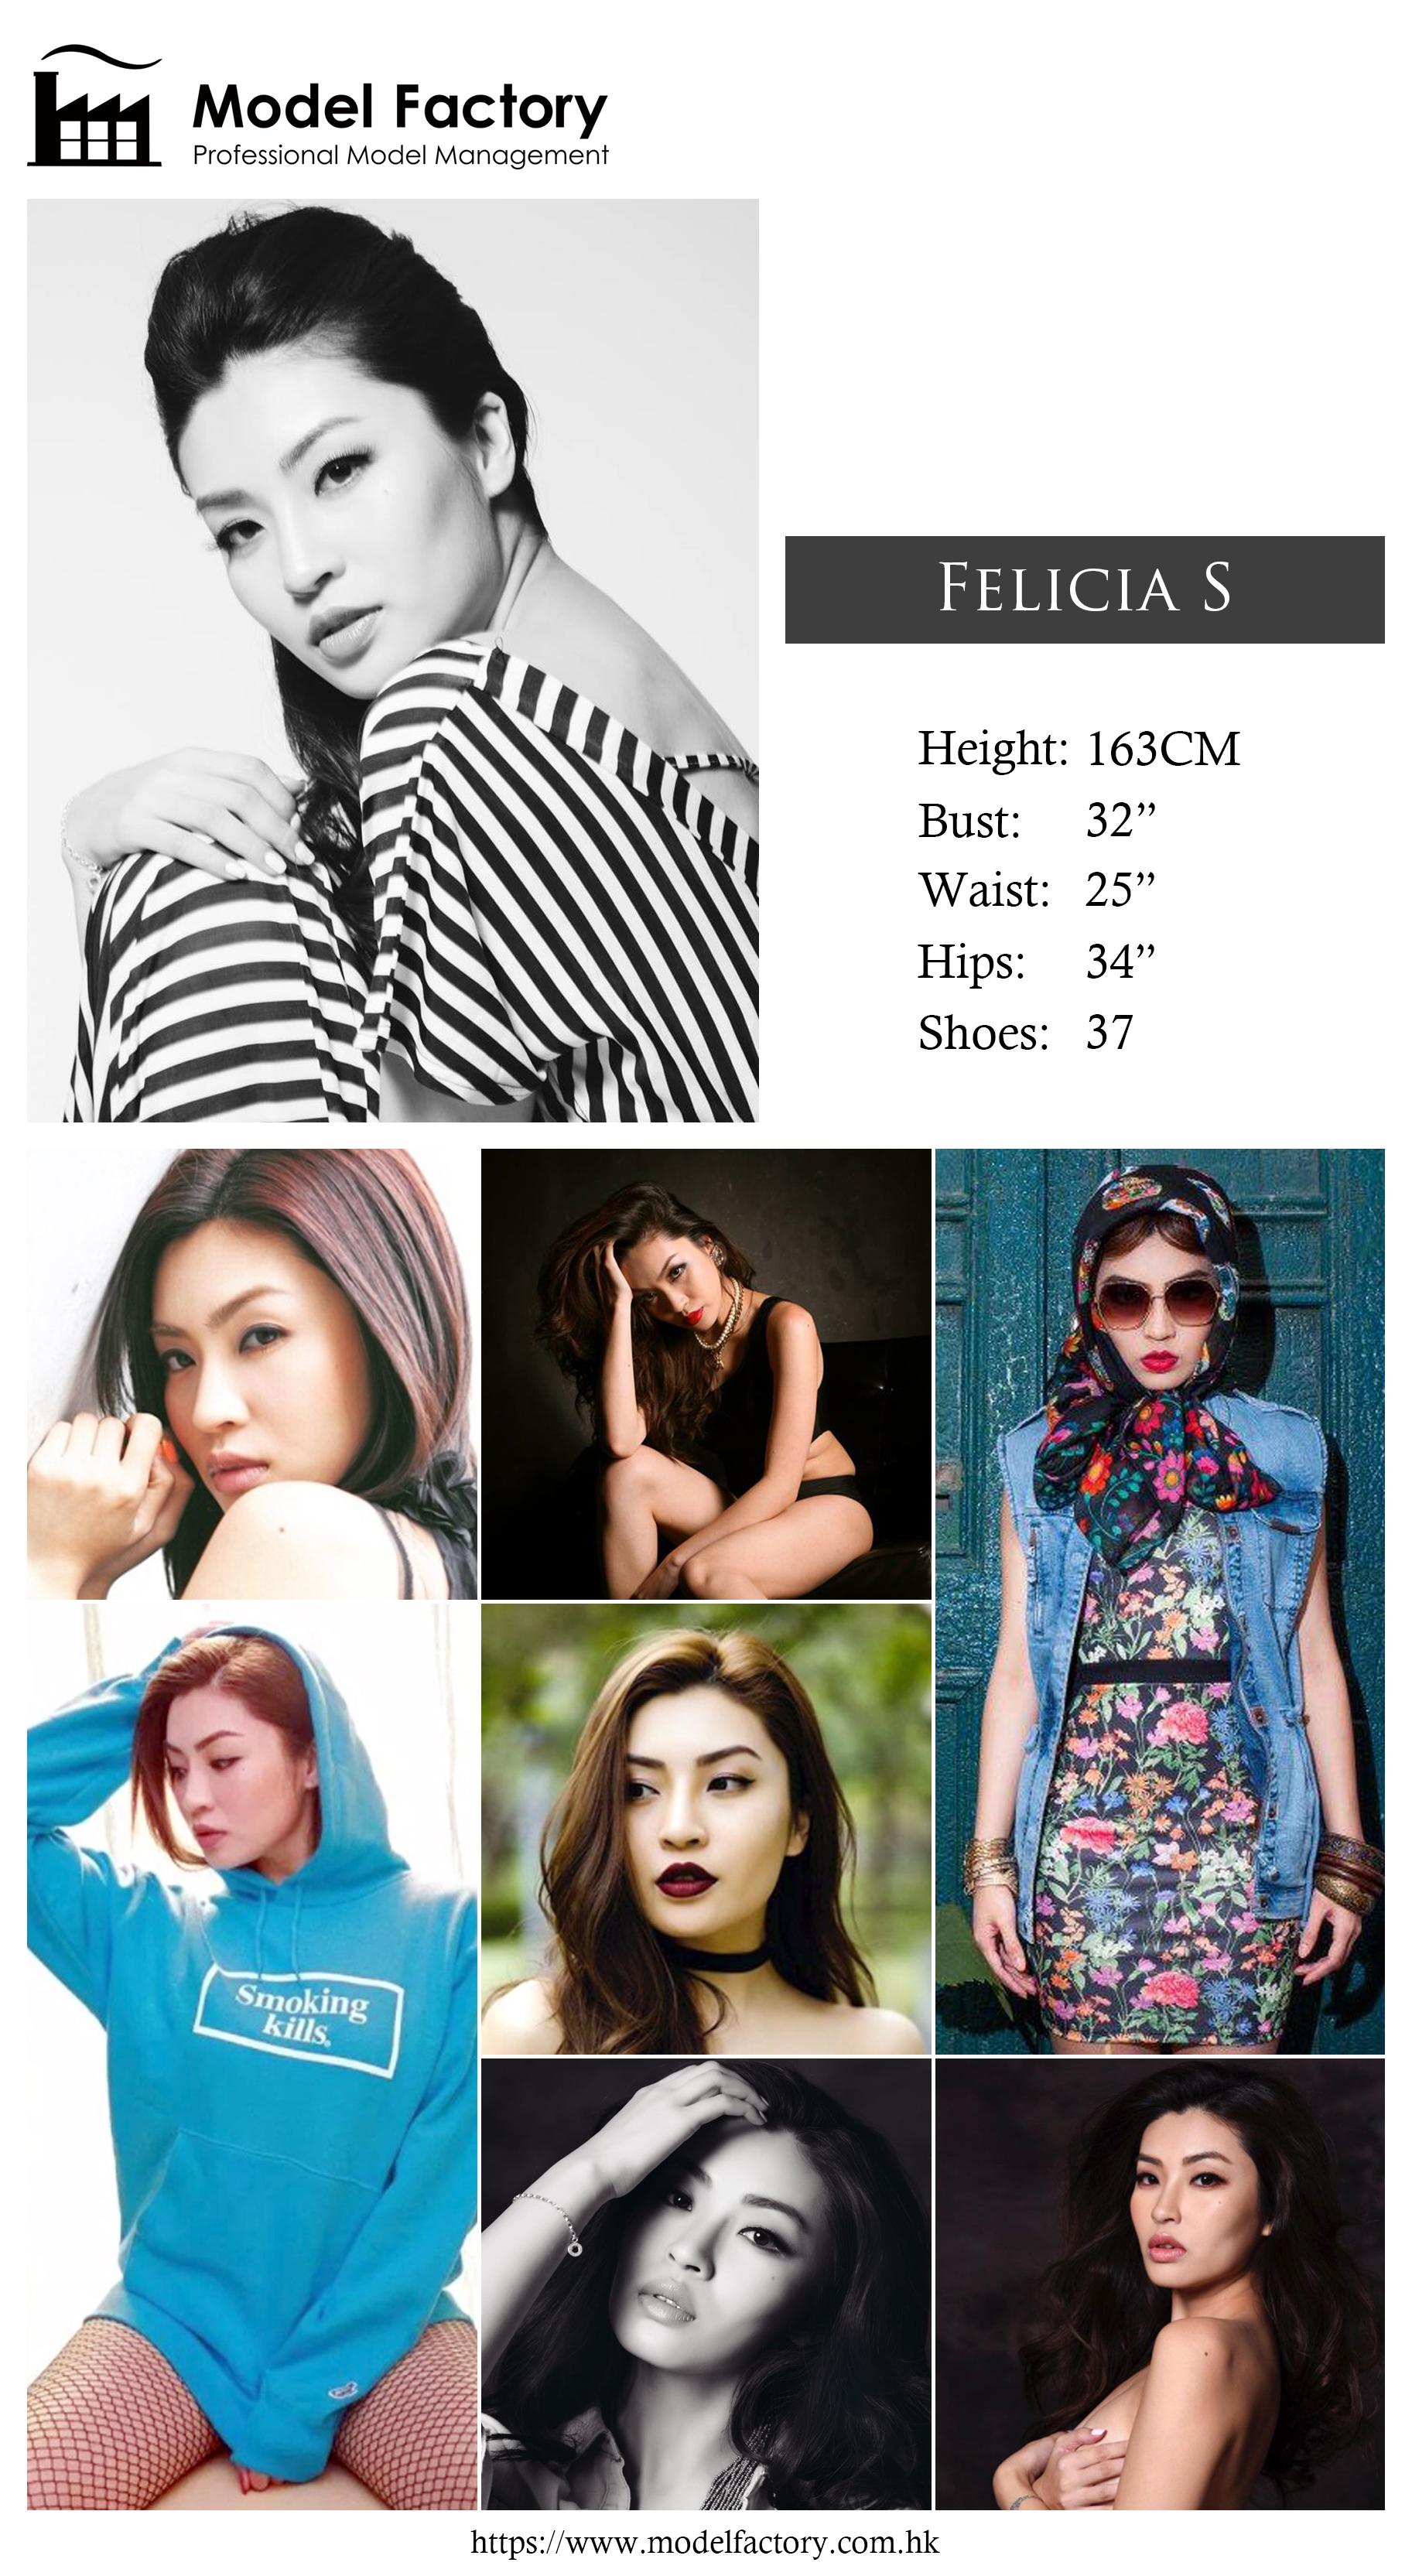 Model Factory Hong Kong Female Model FeliciaS